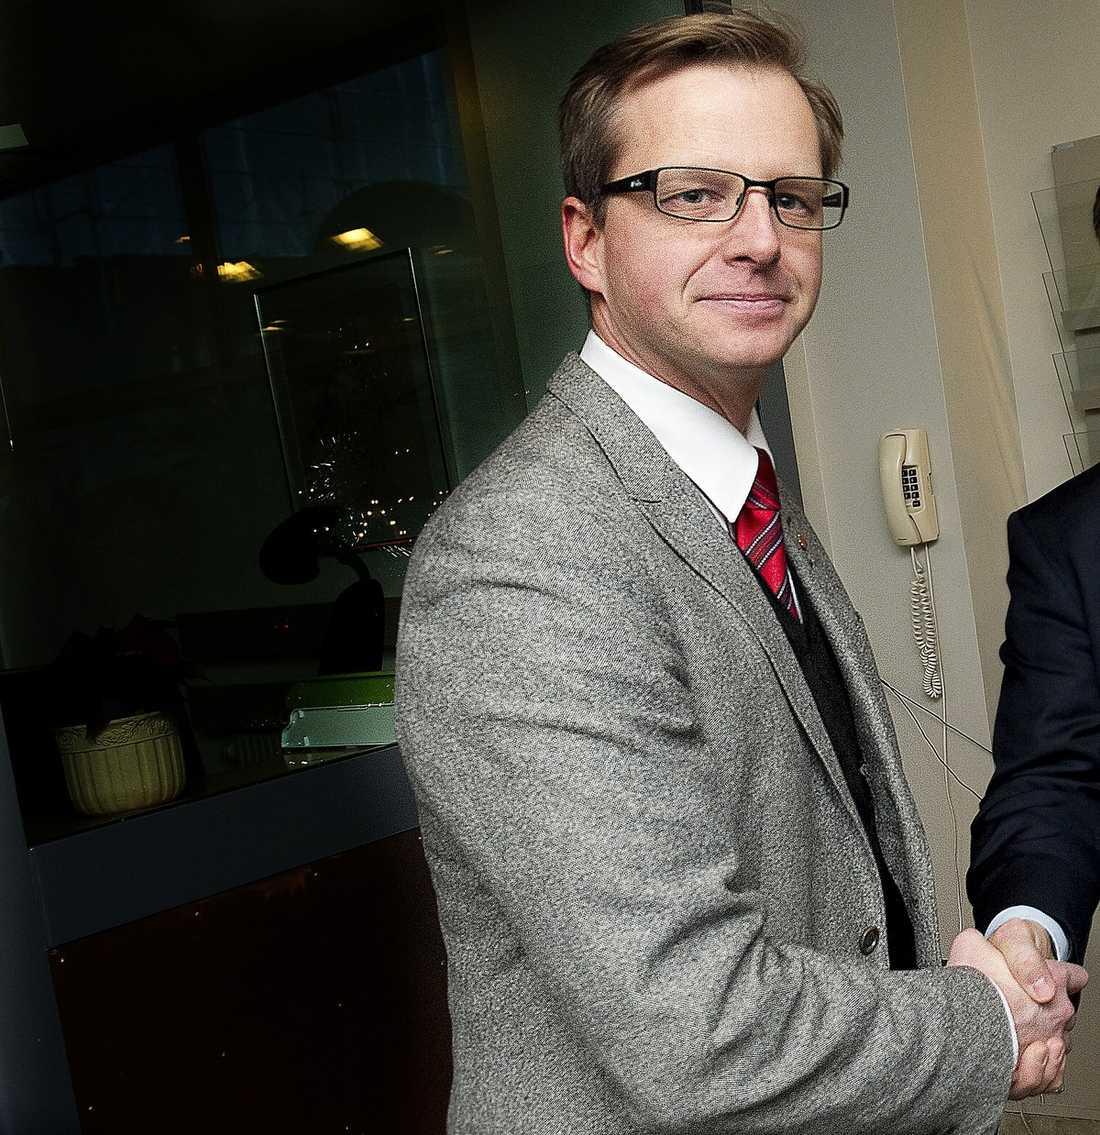 HÅLLER TILL HÖGER Mikael Damberg anses stå för föryngring – men får kritik för sin högerfil.